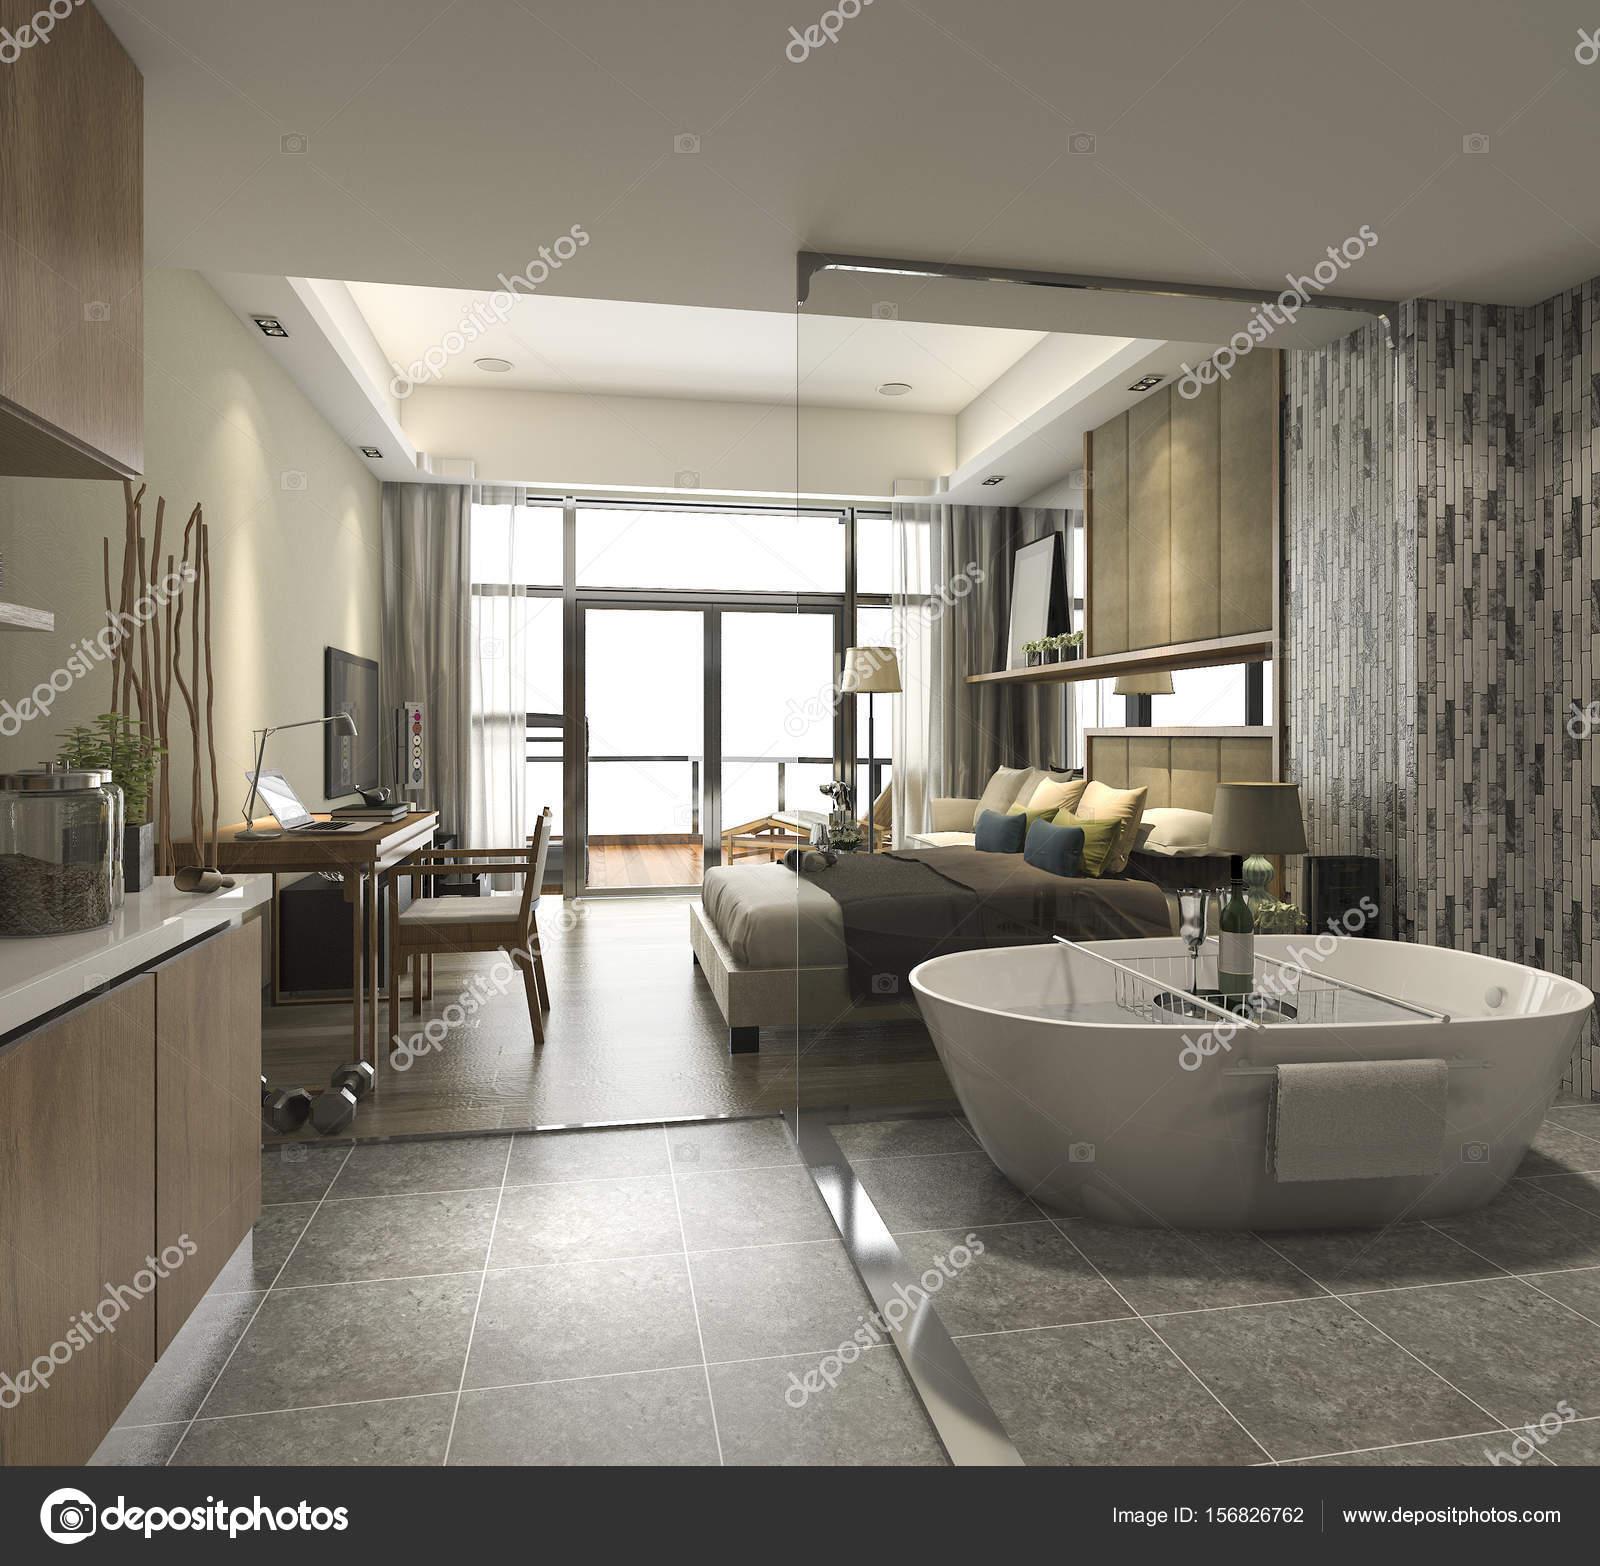 https://st3.depositphotos.com/11352286/15682/i/1600/depositphotos_156826762-stockafbeelding-3d-rendering-luxe-suite-hotel.jpg